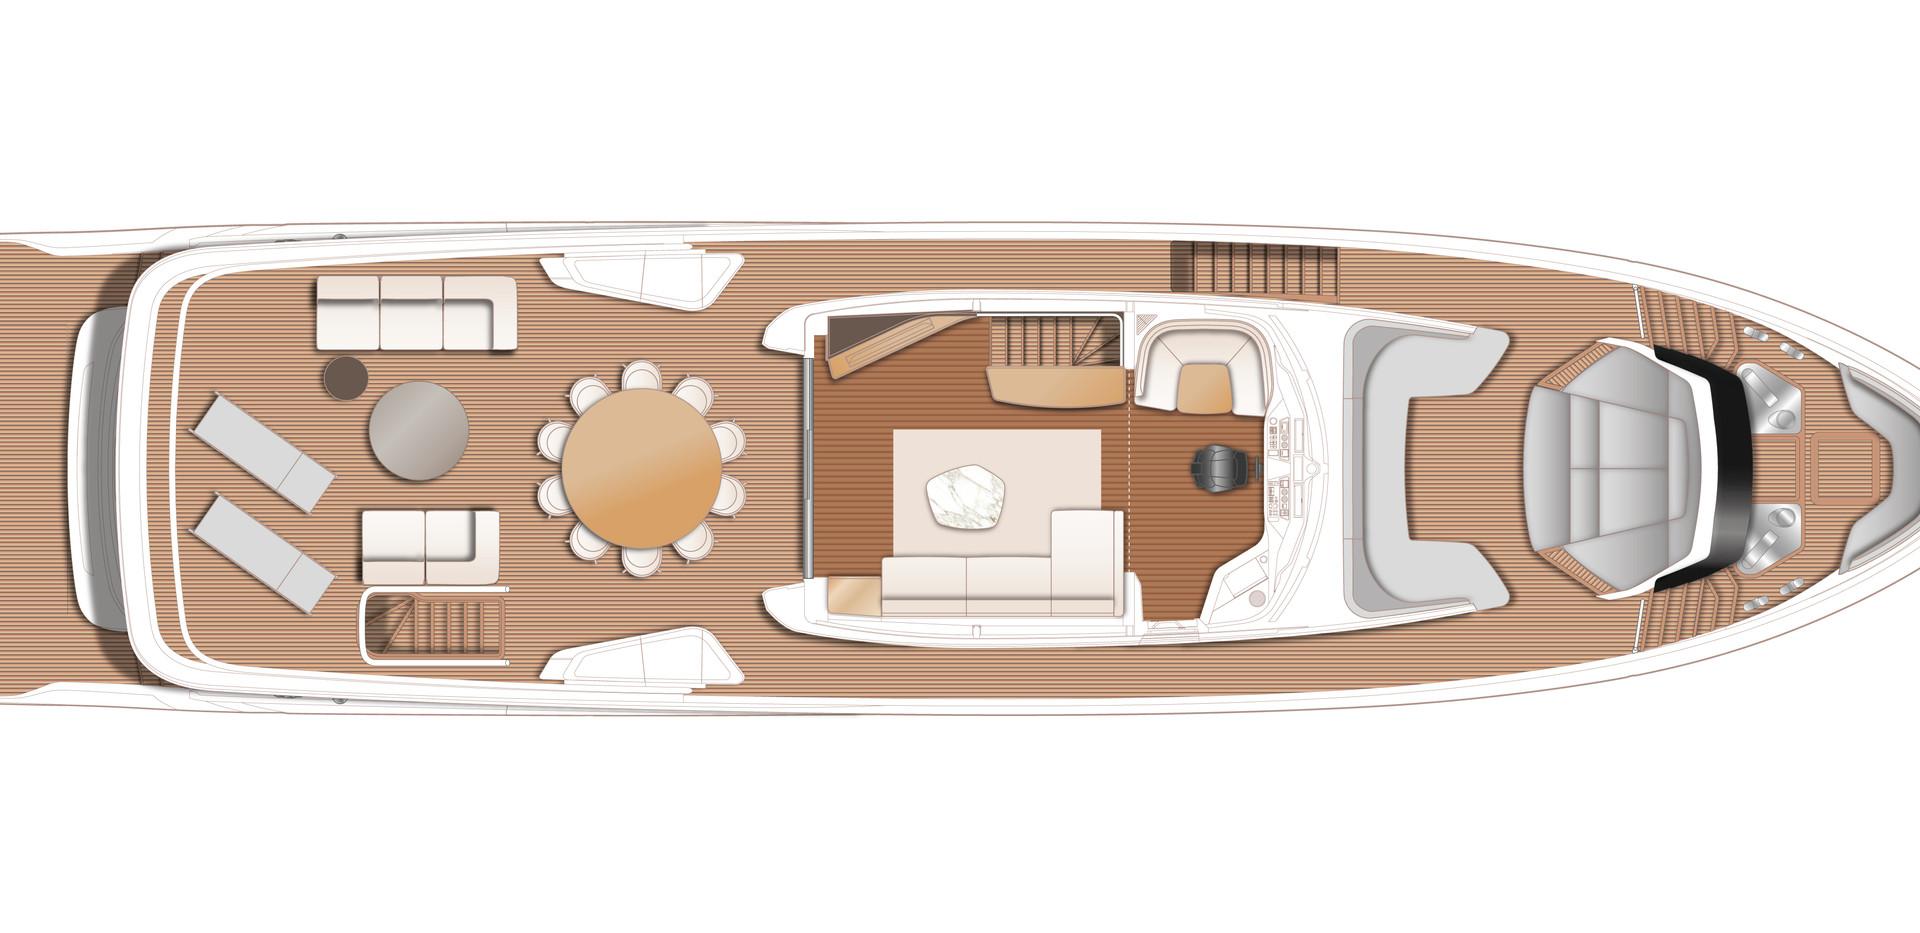 x95-layout-flybridge-2.jpg